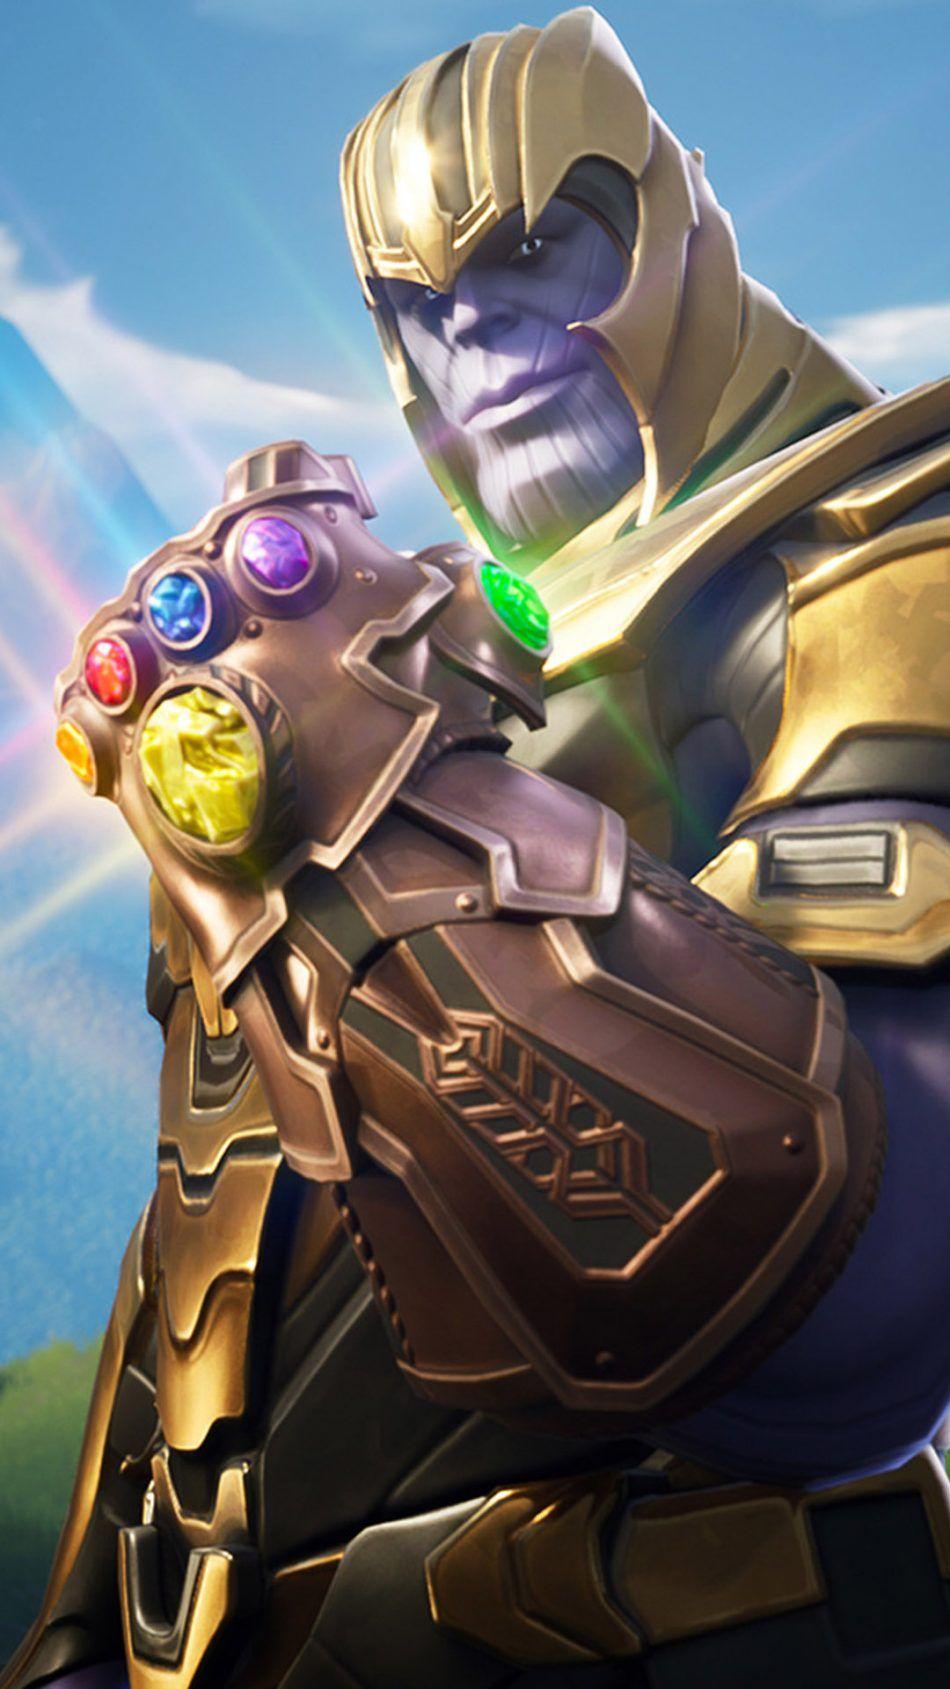 Thanos In Fortnite Battle Royale superhero Mobile wallpaper 950x1689